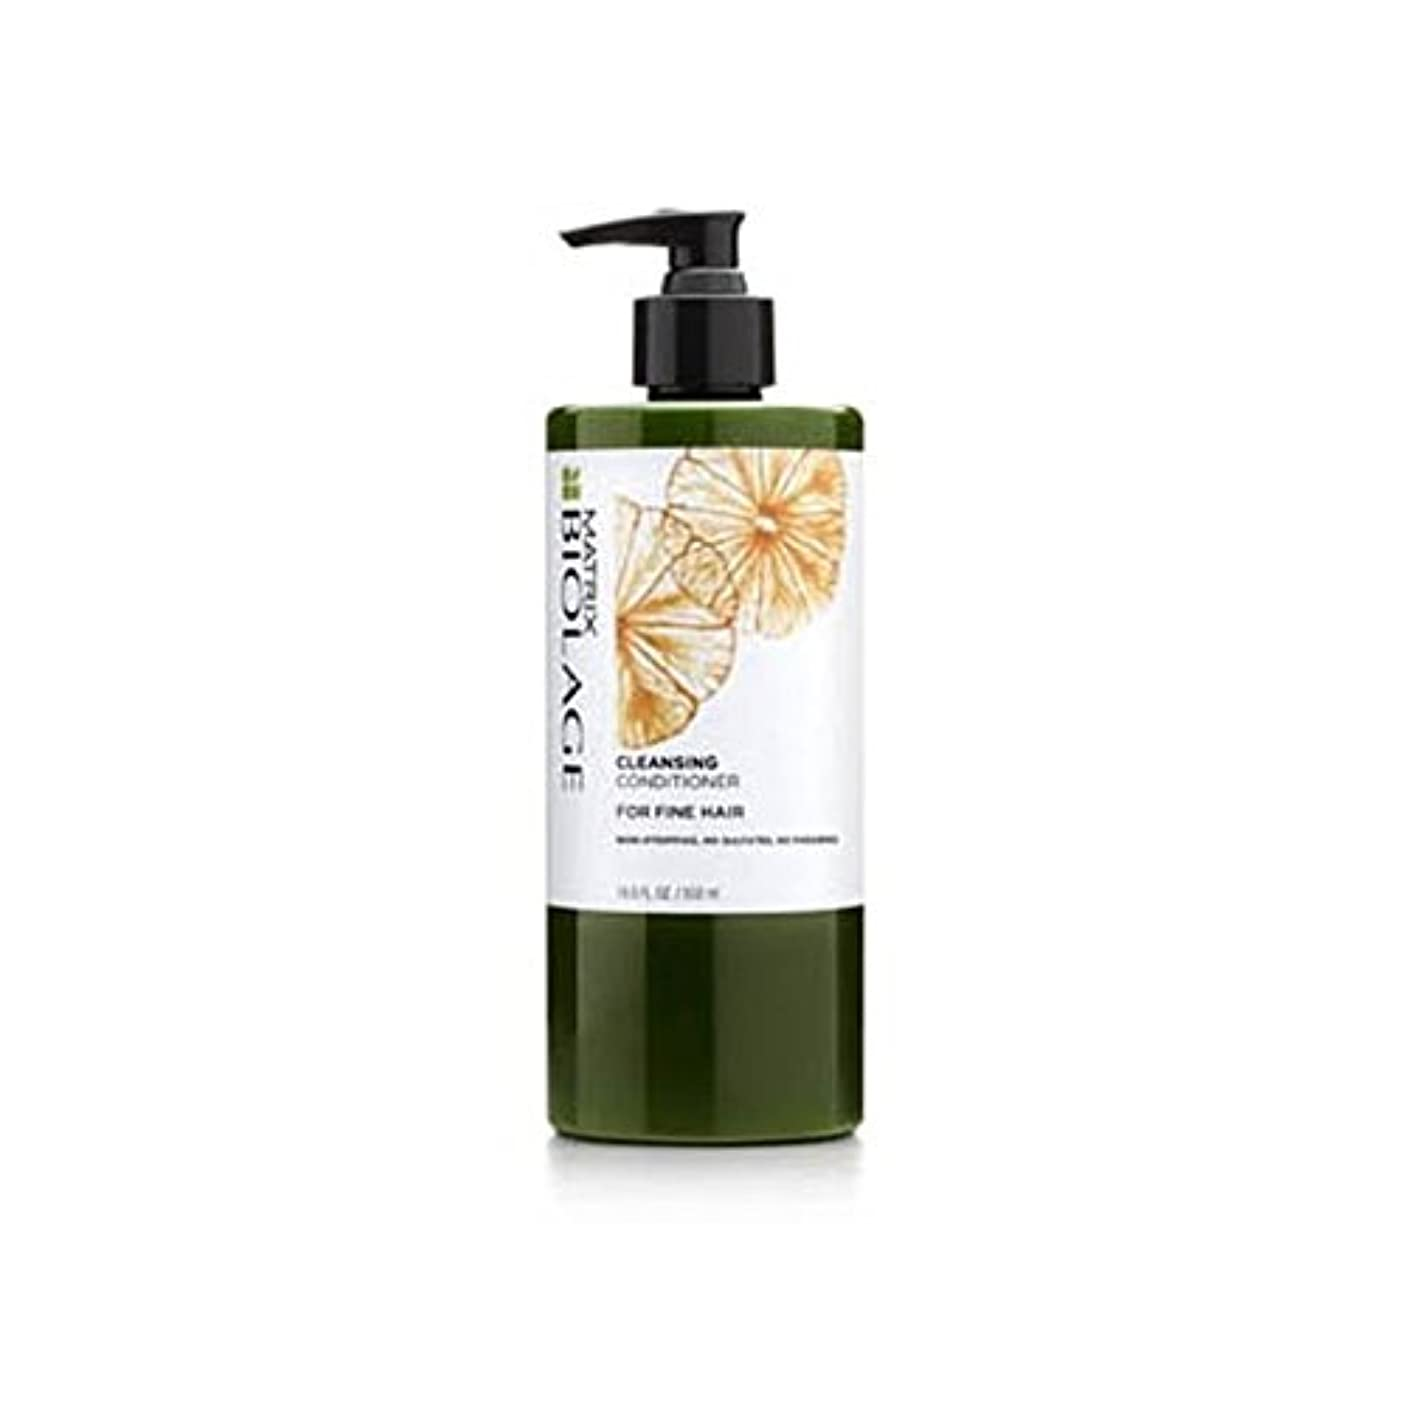 完璧豚バーターMatrix Biolage Cleansing Conditioner - Fine Hair (500ml) - マトリックスバイオレイジクレンジングコンディショナー - 細い髪(500ミリリットル) [並行輸入品]